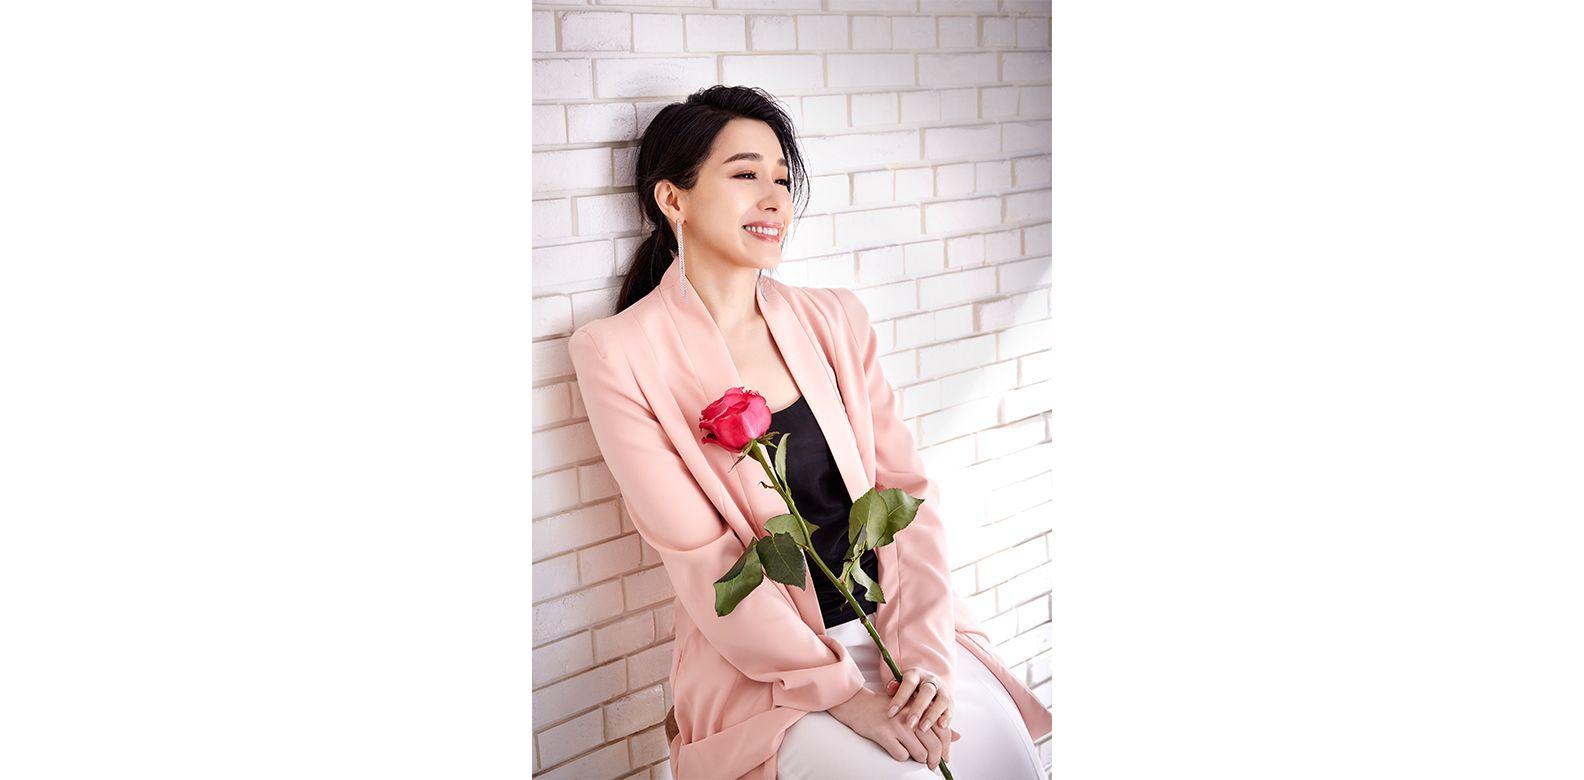 《台灣女力》陳妍嵐 - 美麗人生的經營之力